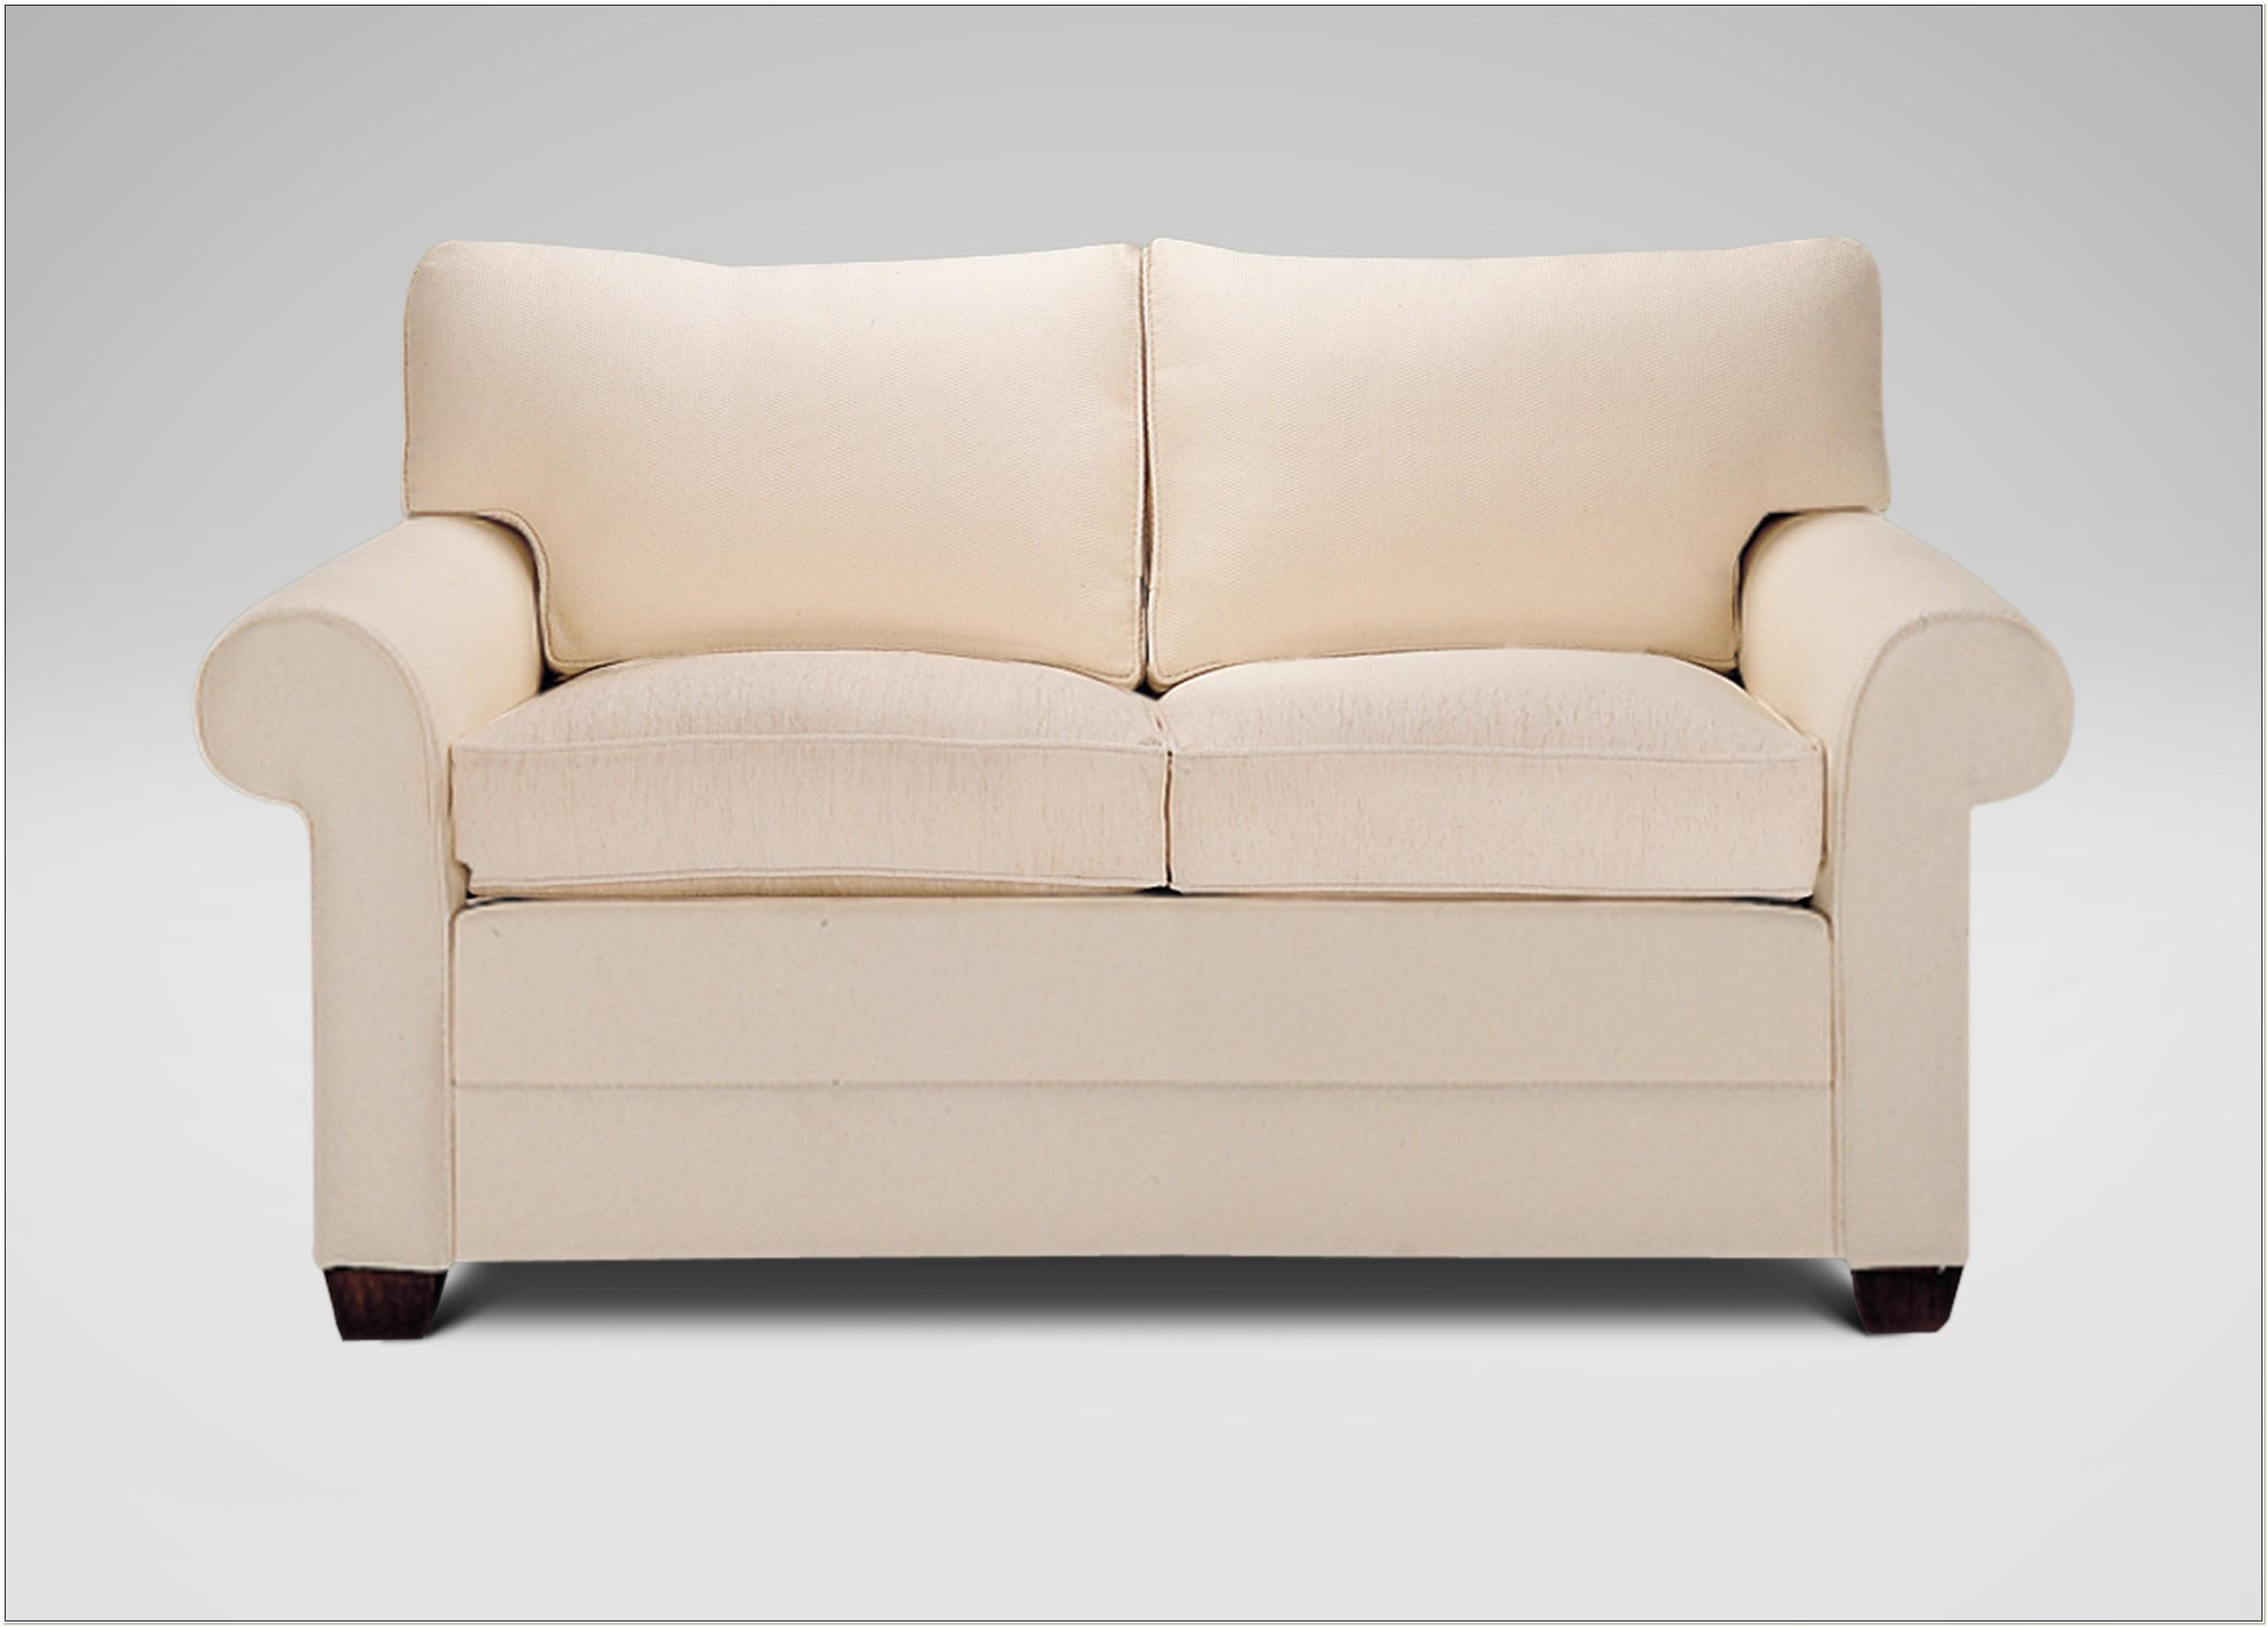 Ethan Allen Sleeper Chair